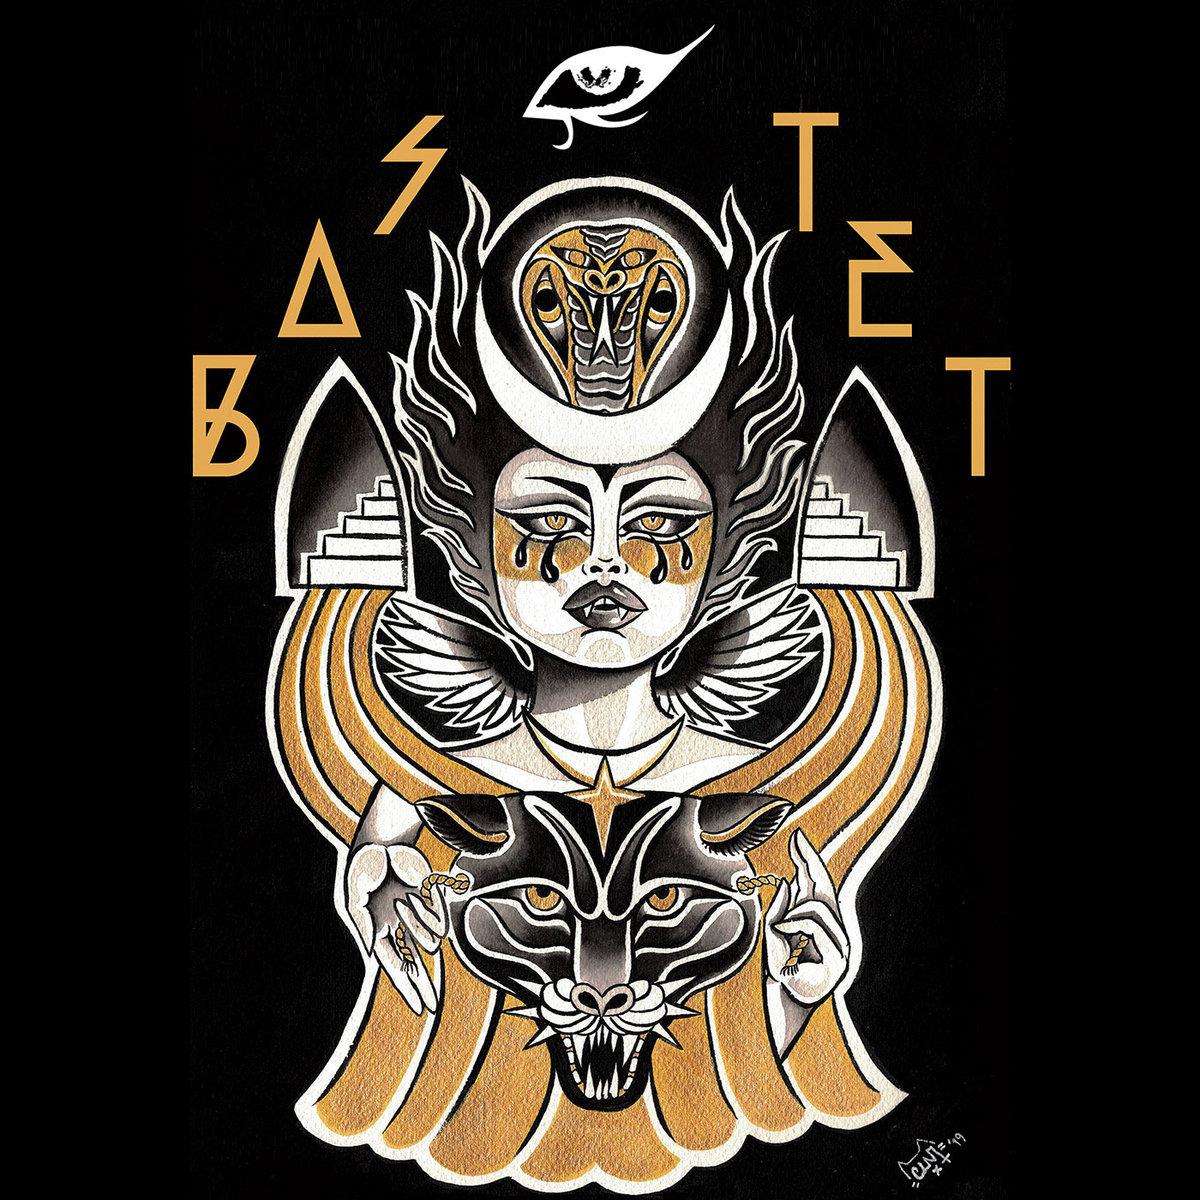 Observer: Bastet & Medusa Stare